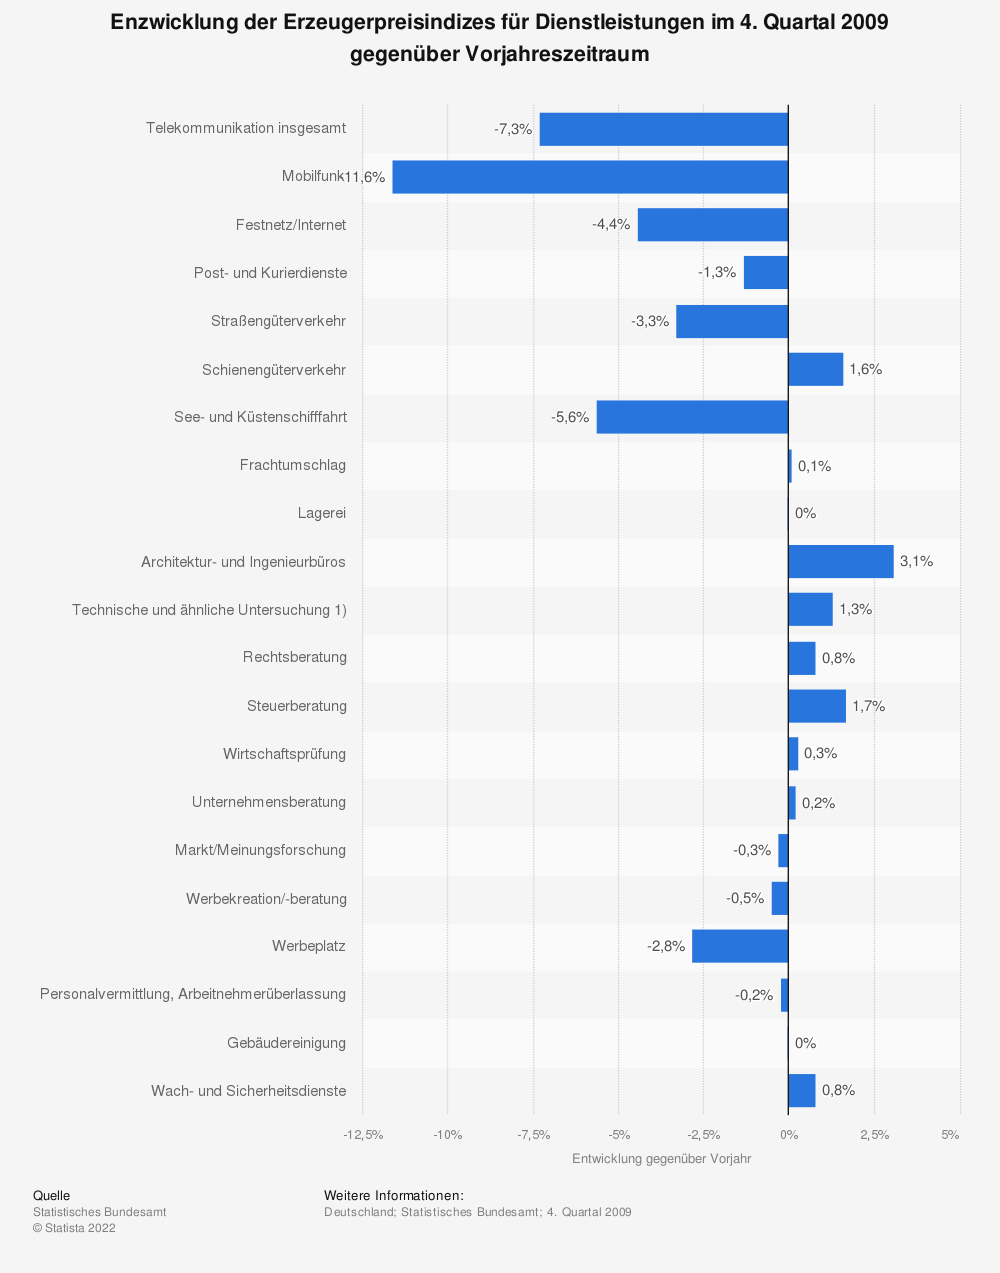 Statistik: Enzwicklung der Erzeugerpreisindizes für Dienstleistungen im 4. Quartal 2009 gegenüber Vorjahreszeitraum    Statista